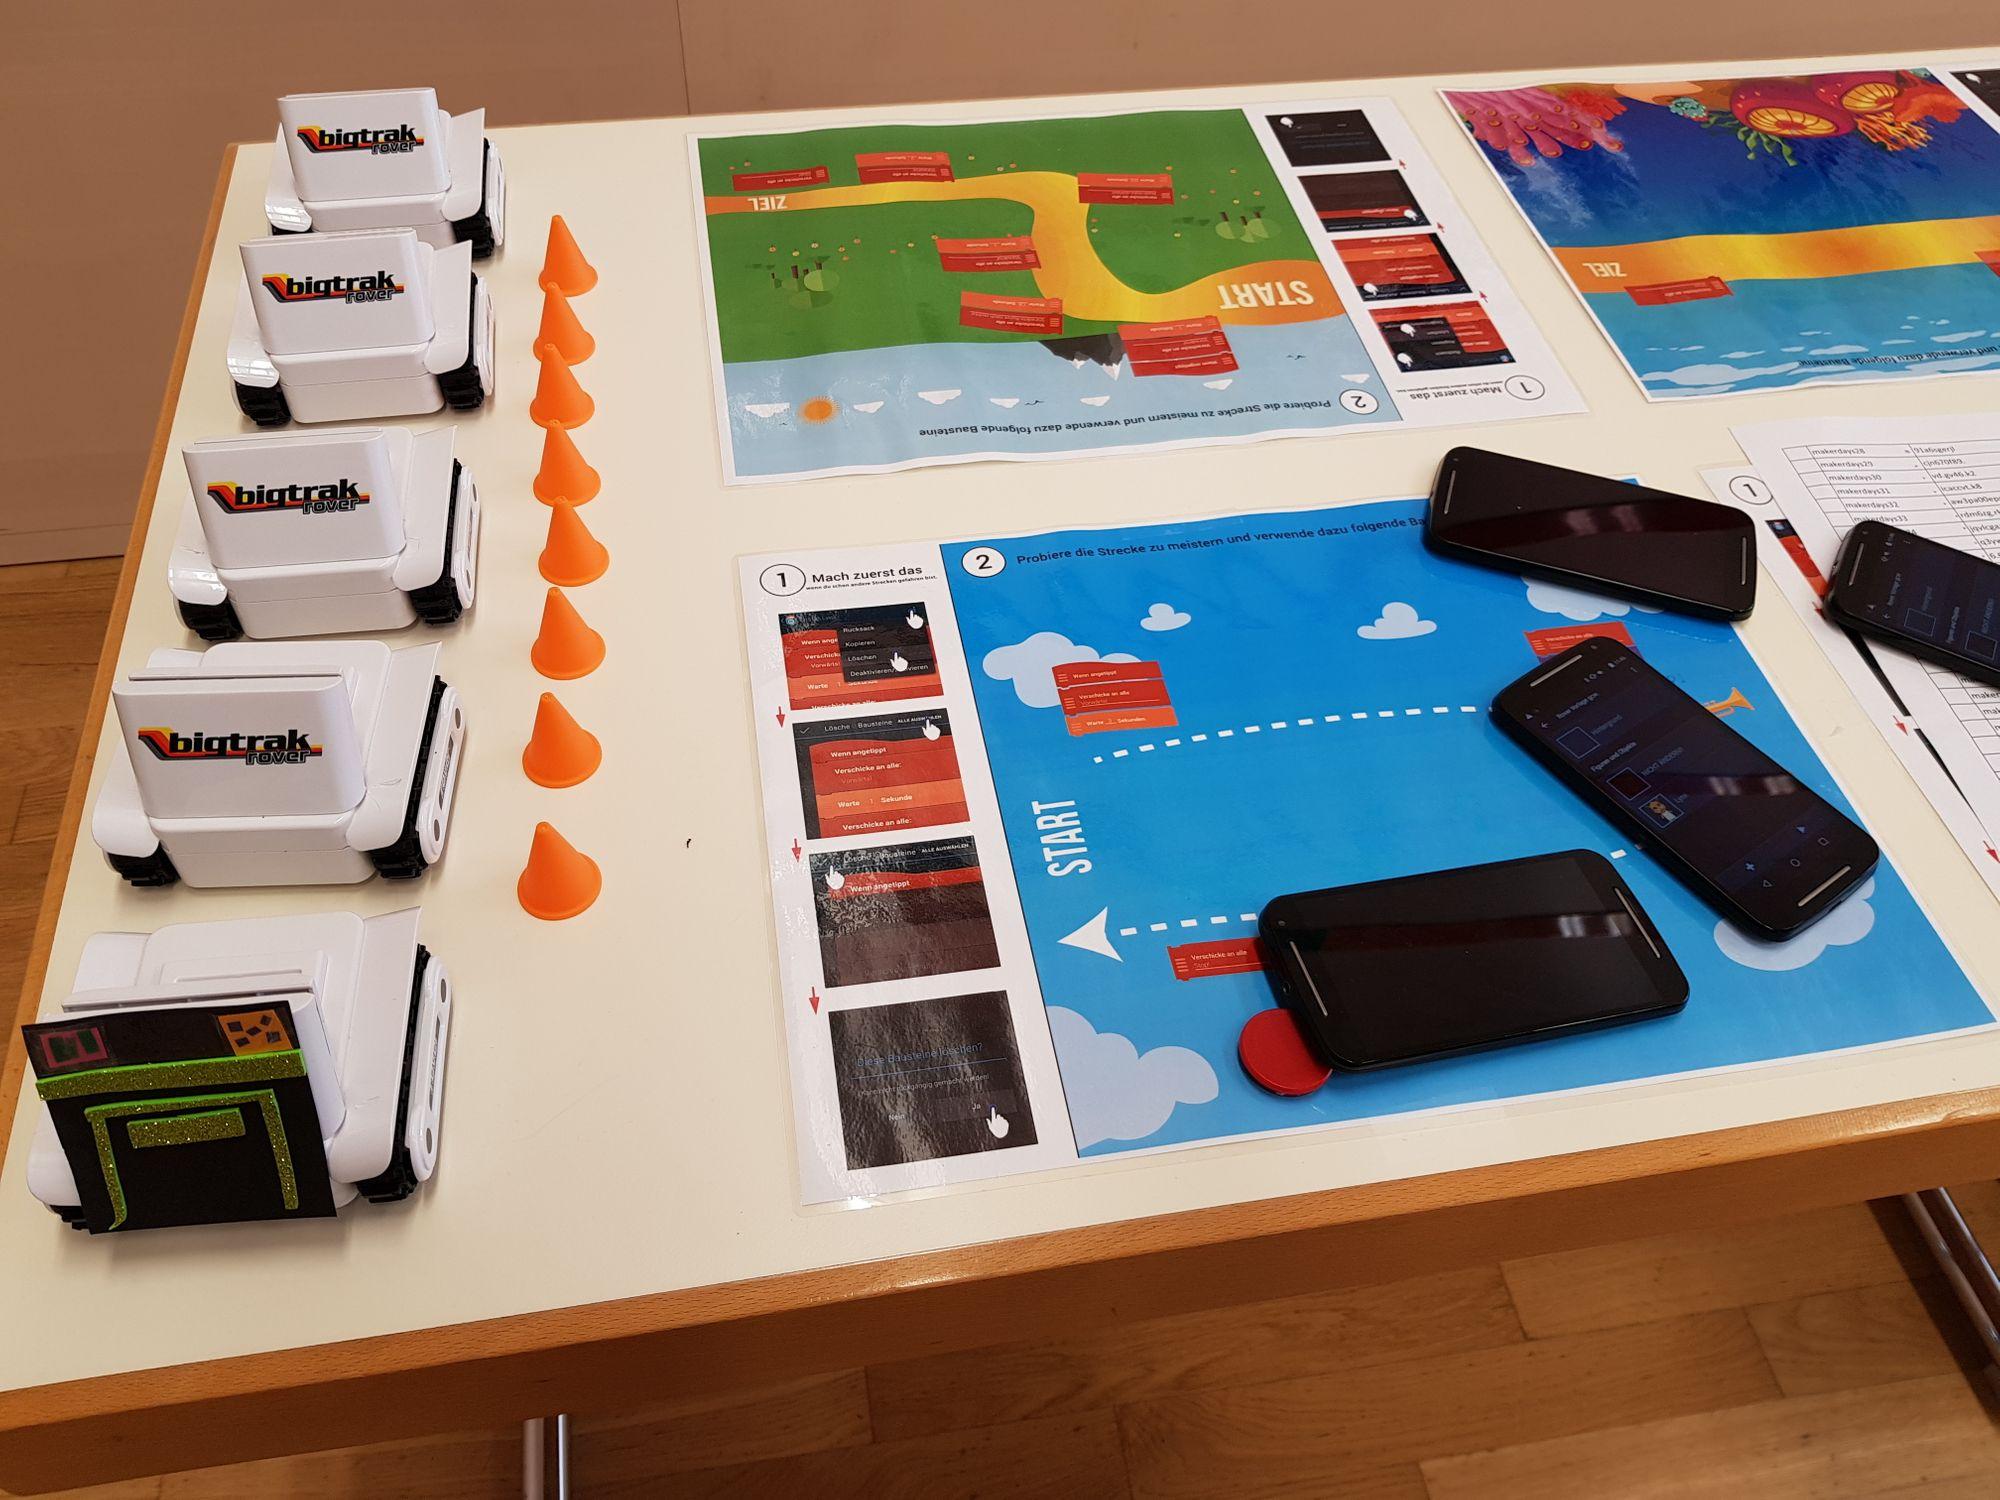 Tisch mit Mobiltelefonen und Anleitungen zur einfachen Programmierung.